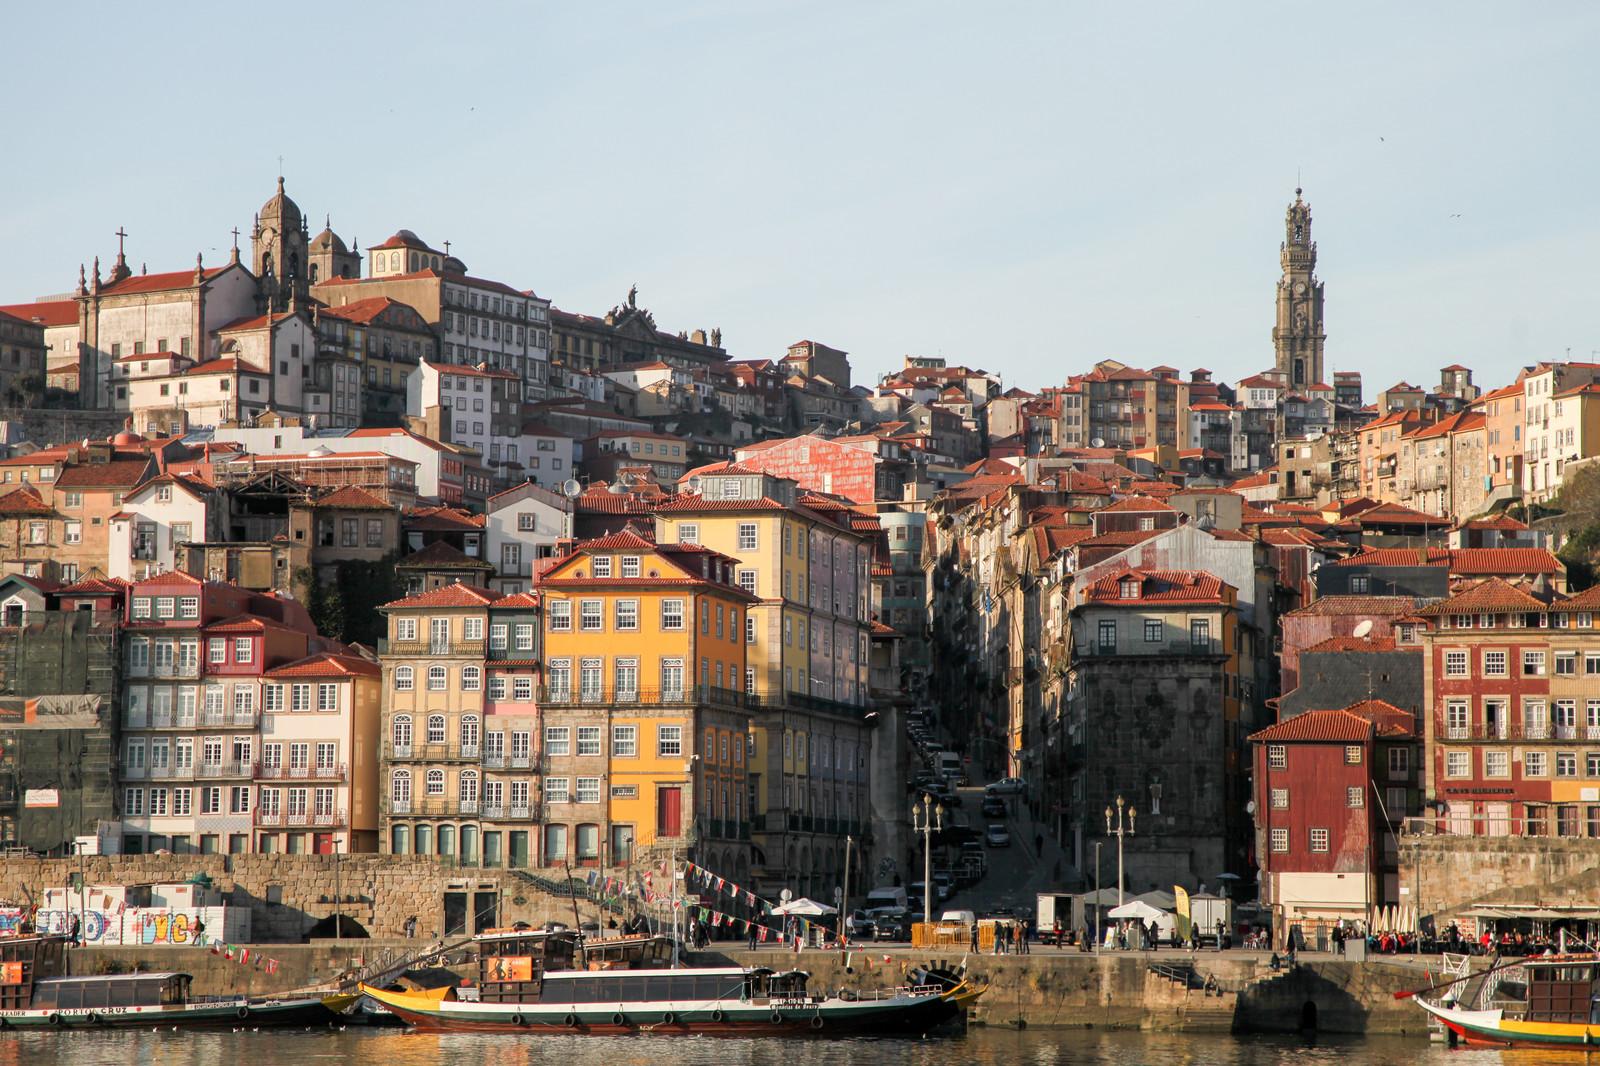 ポルトガル旅行のイメージ画像